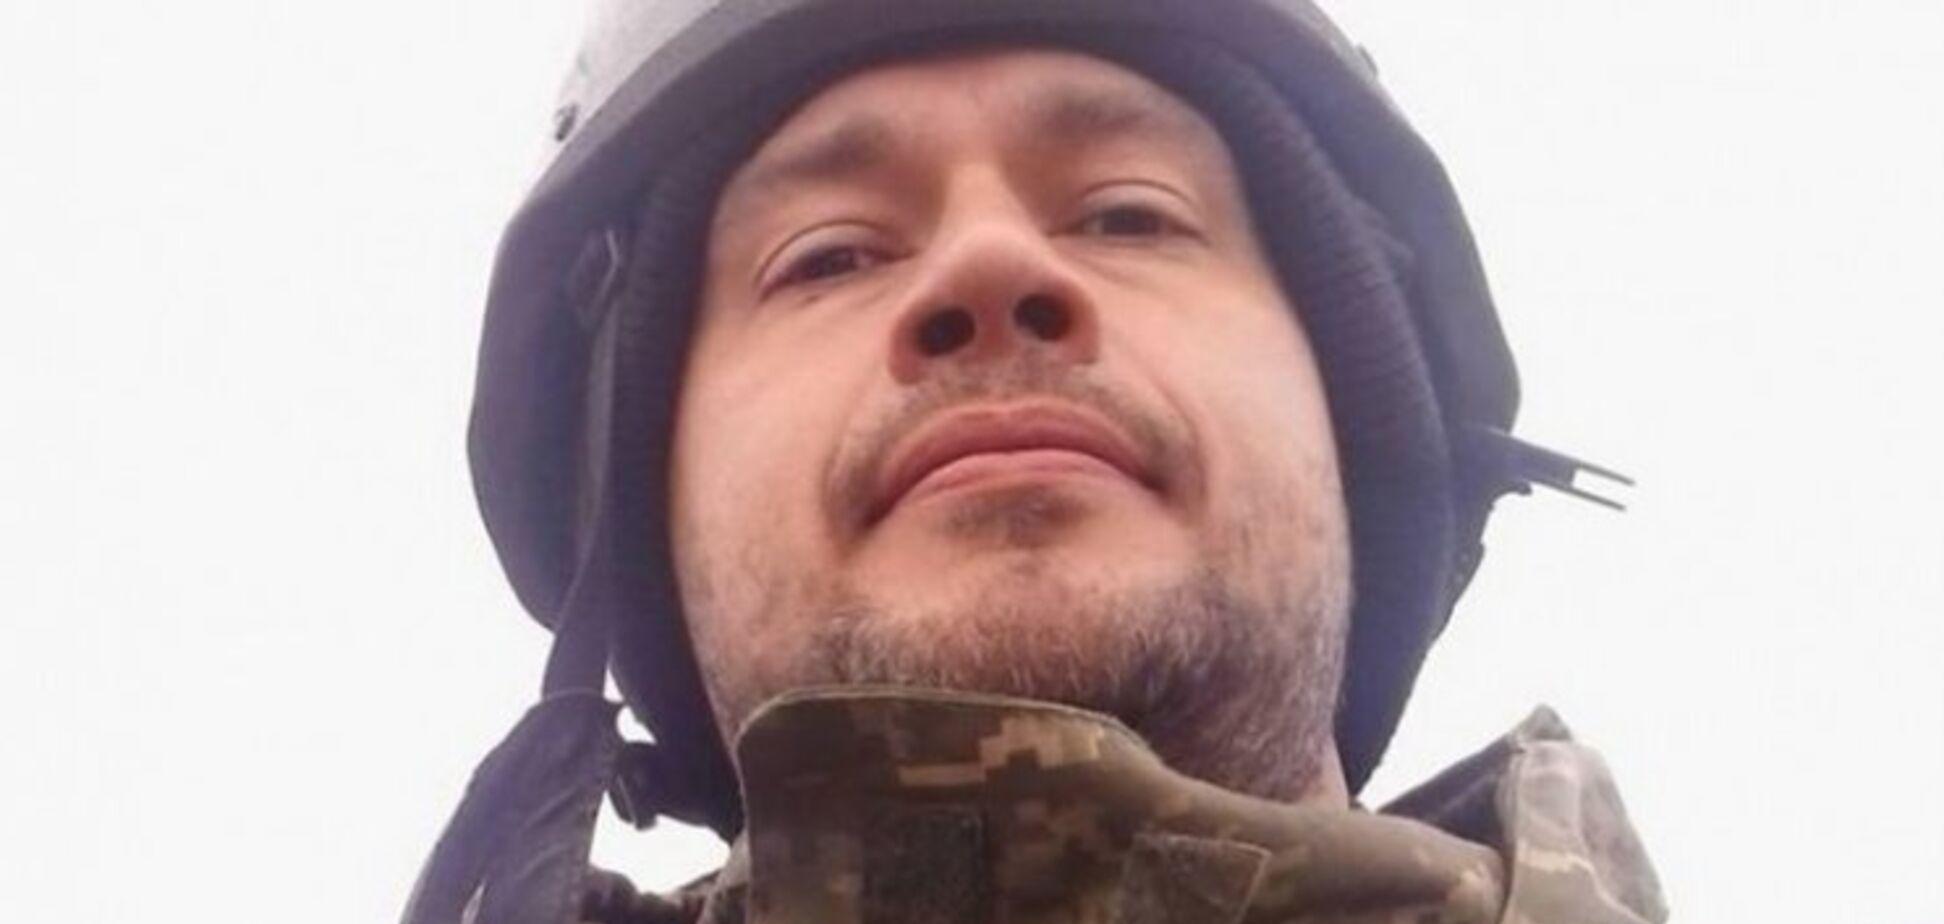 'Величие с гадостью': украинский комментатор гневно отреагировал на скандал с Ломаченко